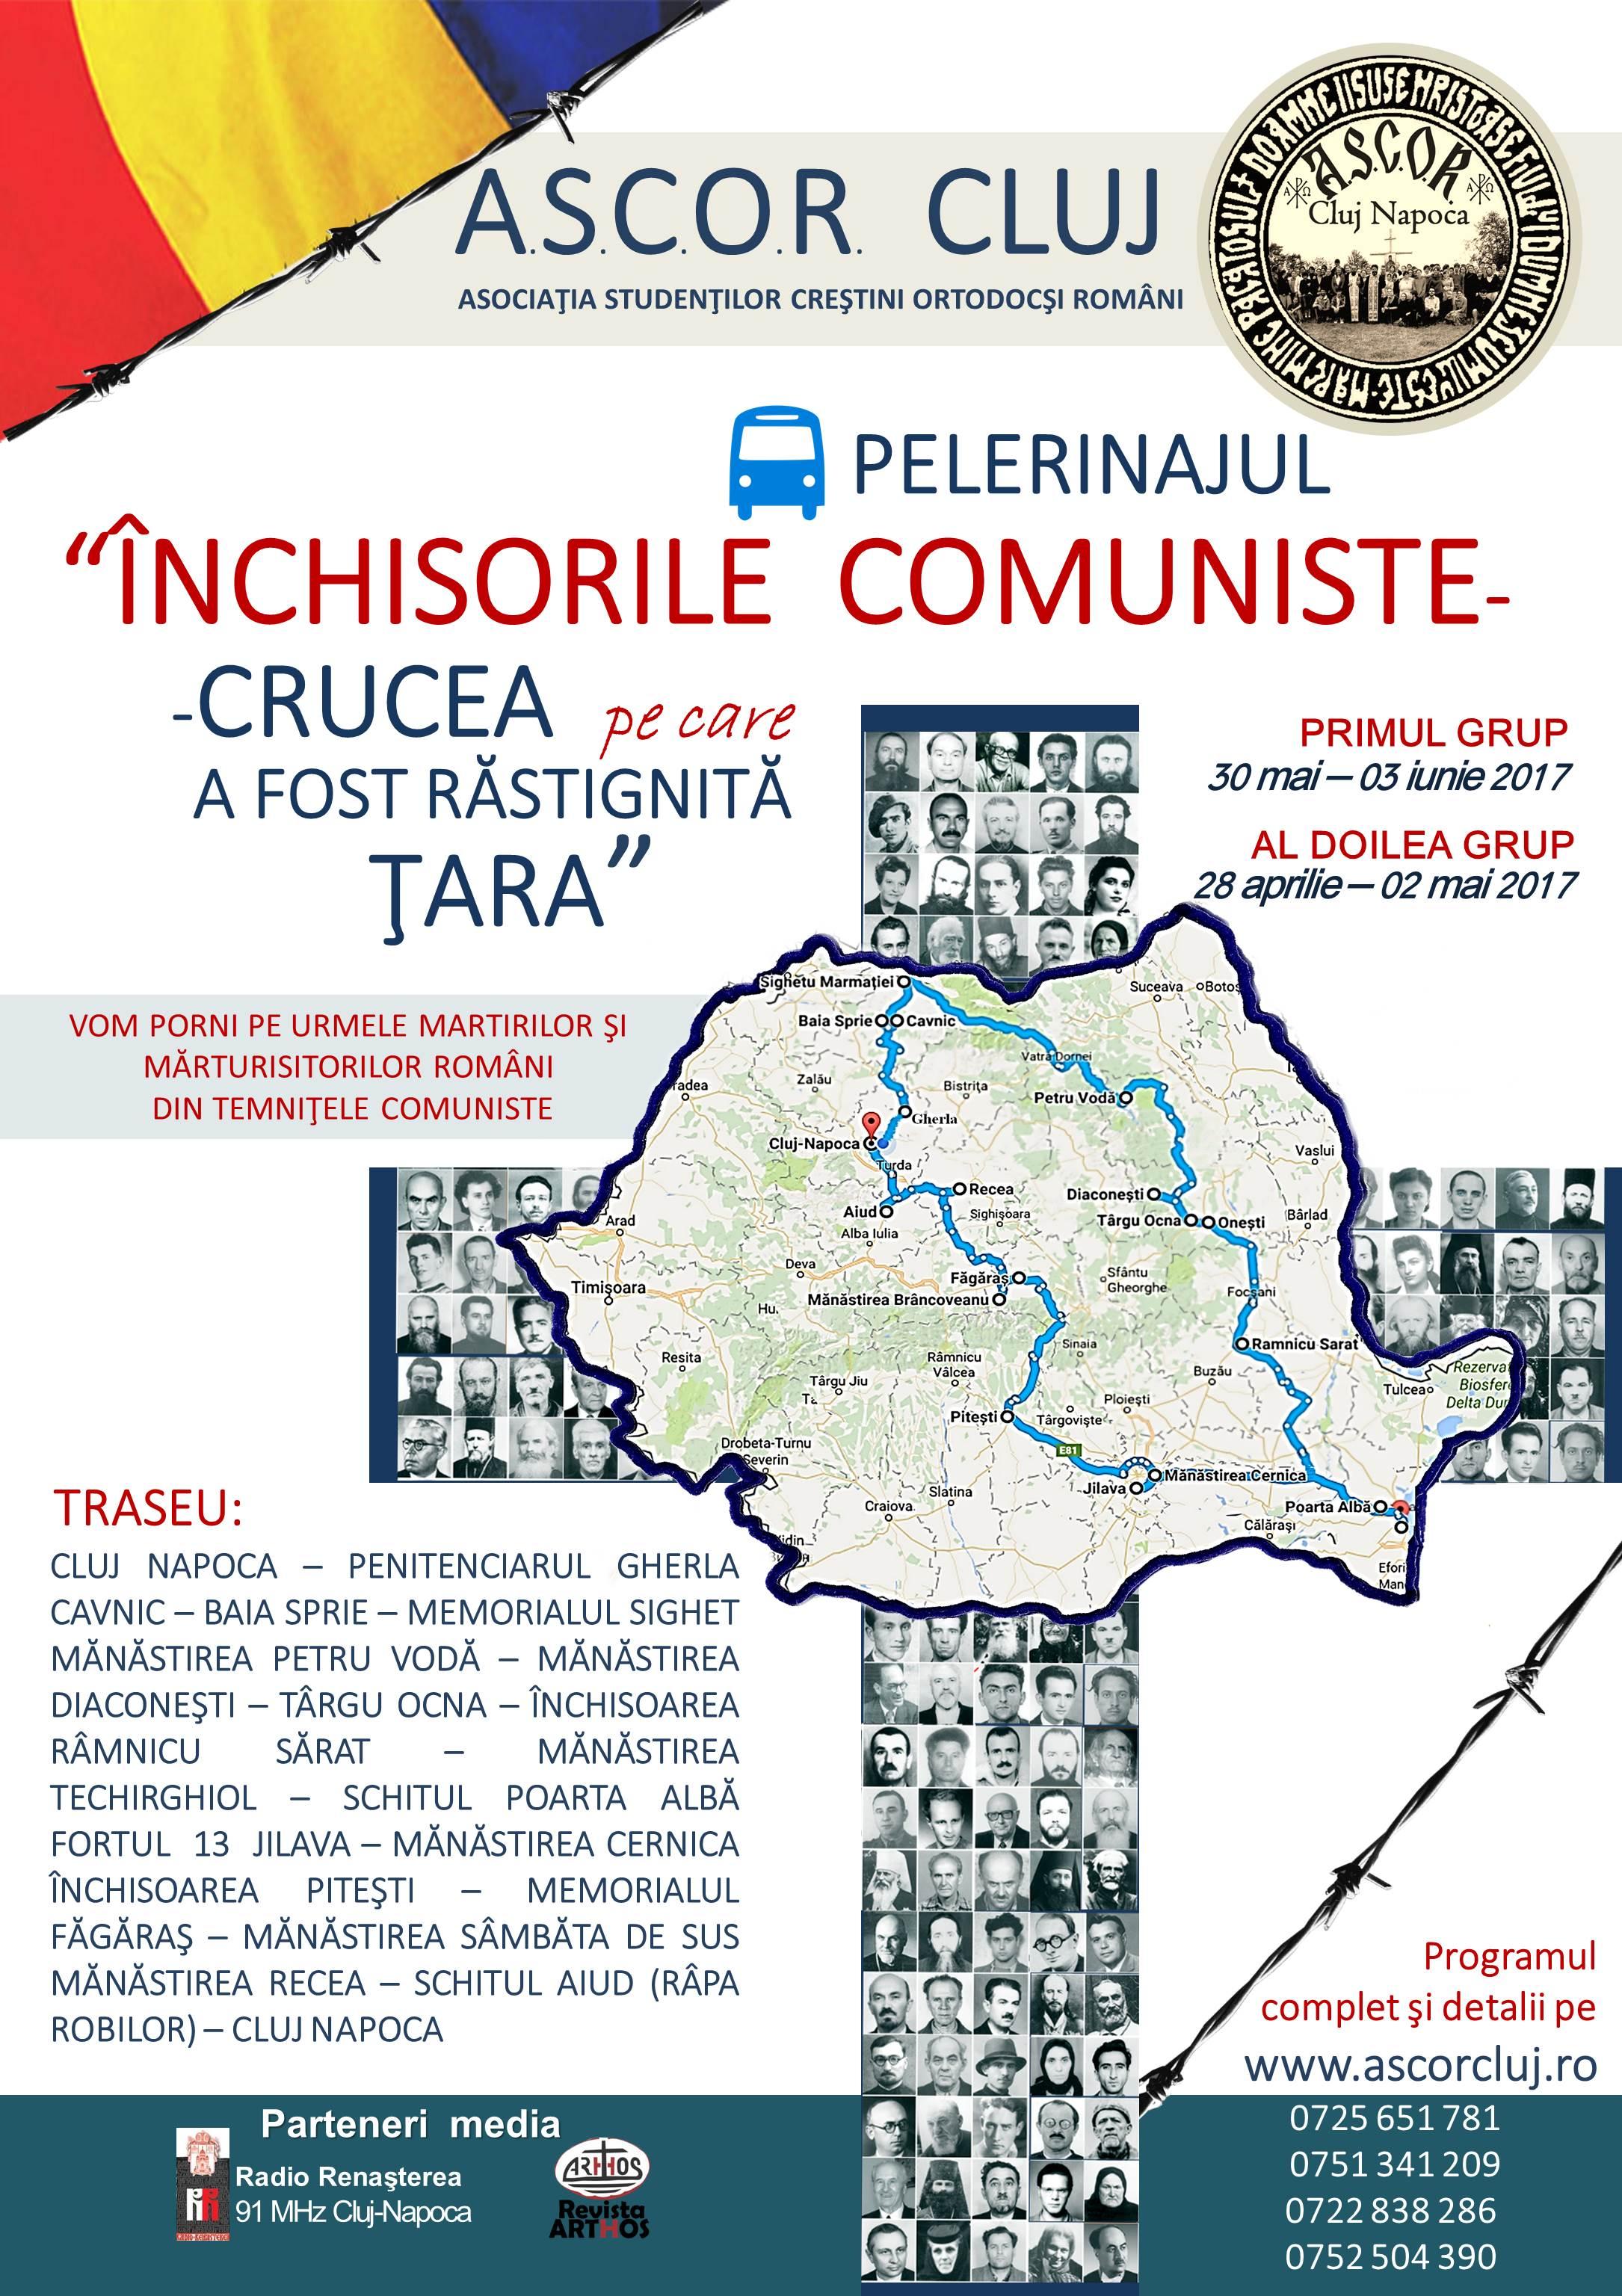 """Pelerinaj ASCOR Cluj: <i>""""ÎNCHISORILE COMUNISTE – CRUCEA PE CARE A FOST RĂSTIGNITĂ ŢARA""""</i>"""